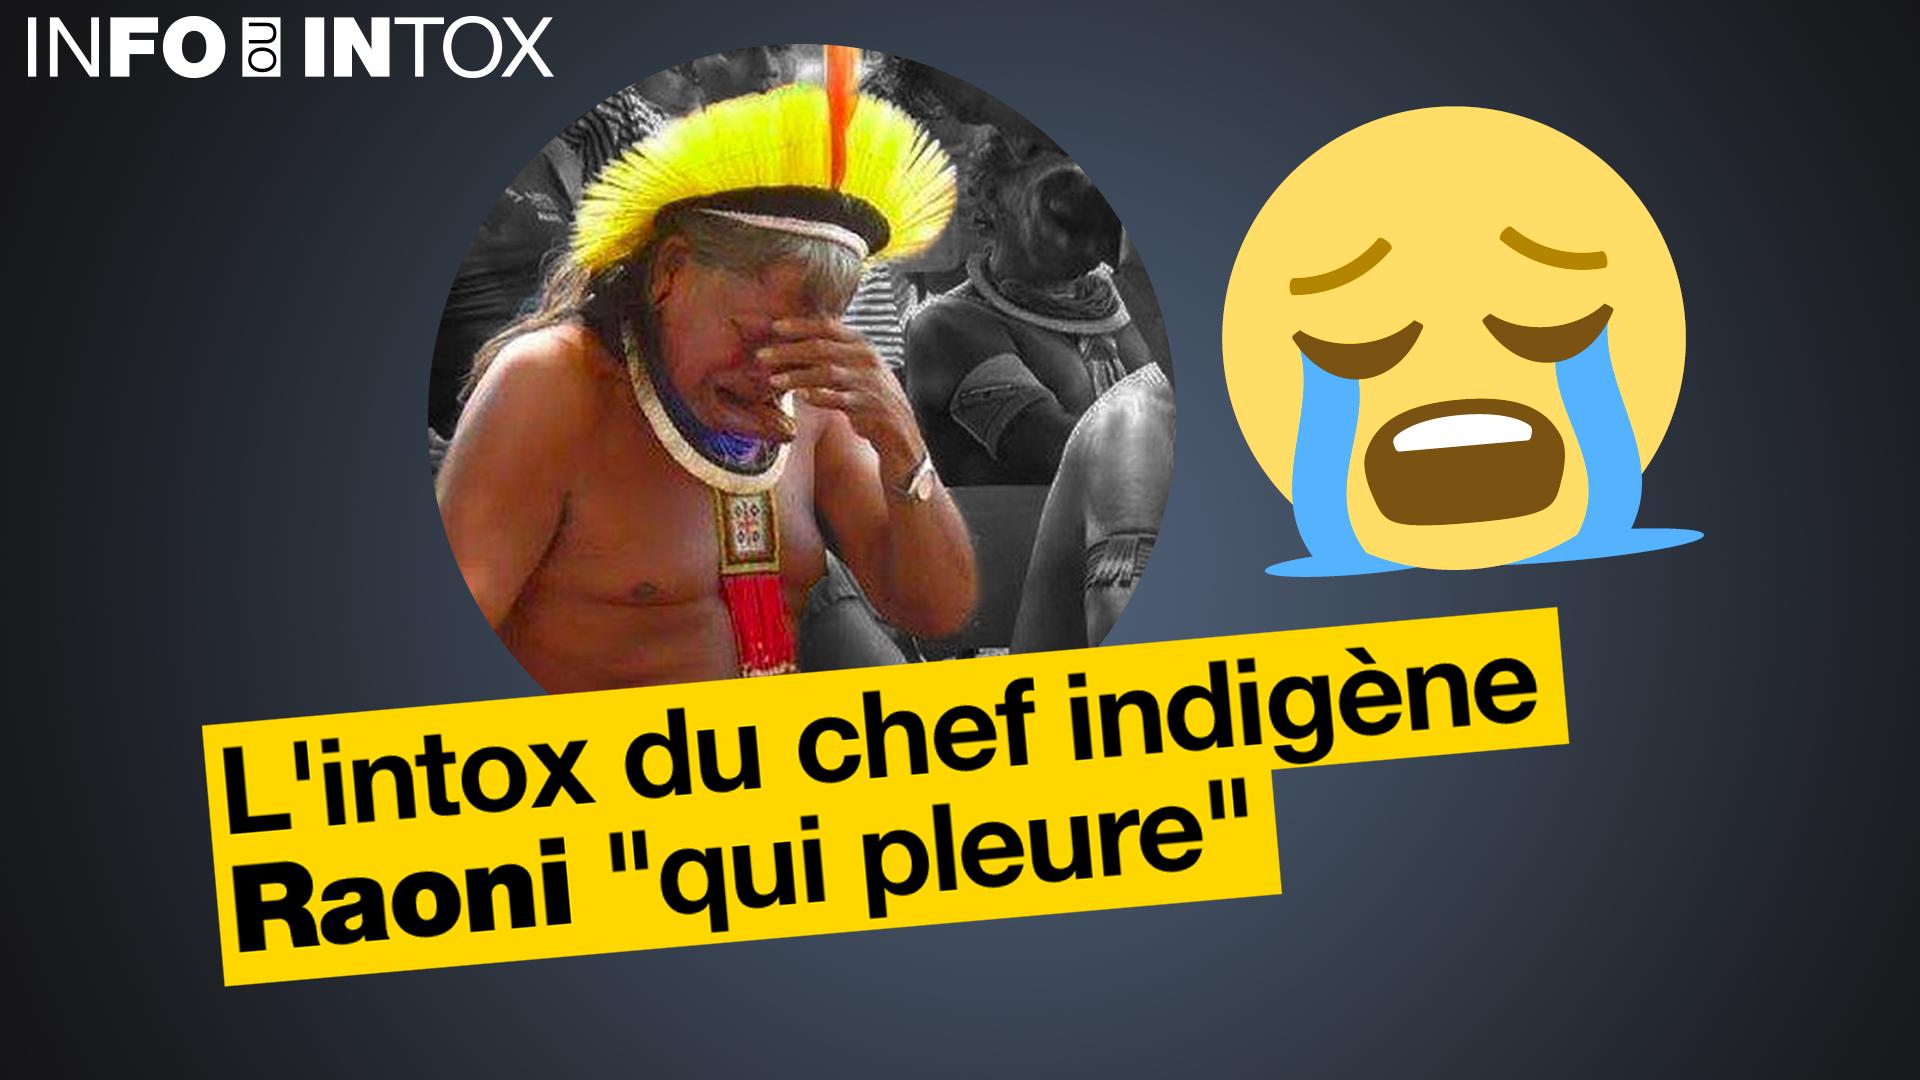 Ce chef indigène pleurerait à cause de la construction d'un barrage qui inonderait ses terres... une intox décryptée dans Info/Intox.